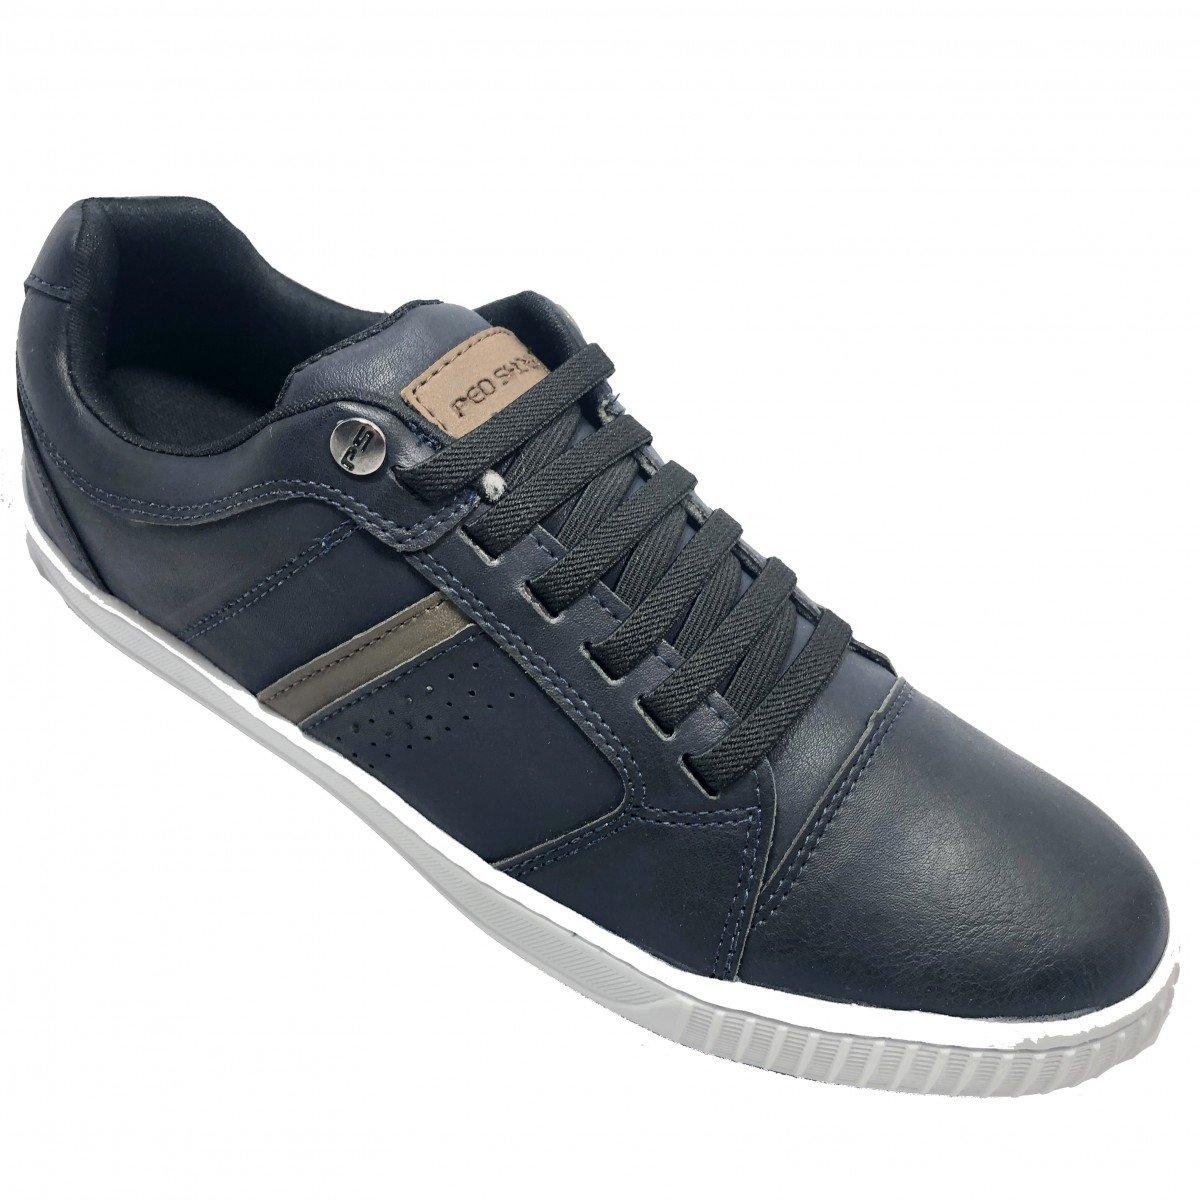 23840399d16 Sapatênis Ped Shoes Casual Detalhe Masculino - Marinho e Cinza ...